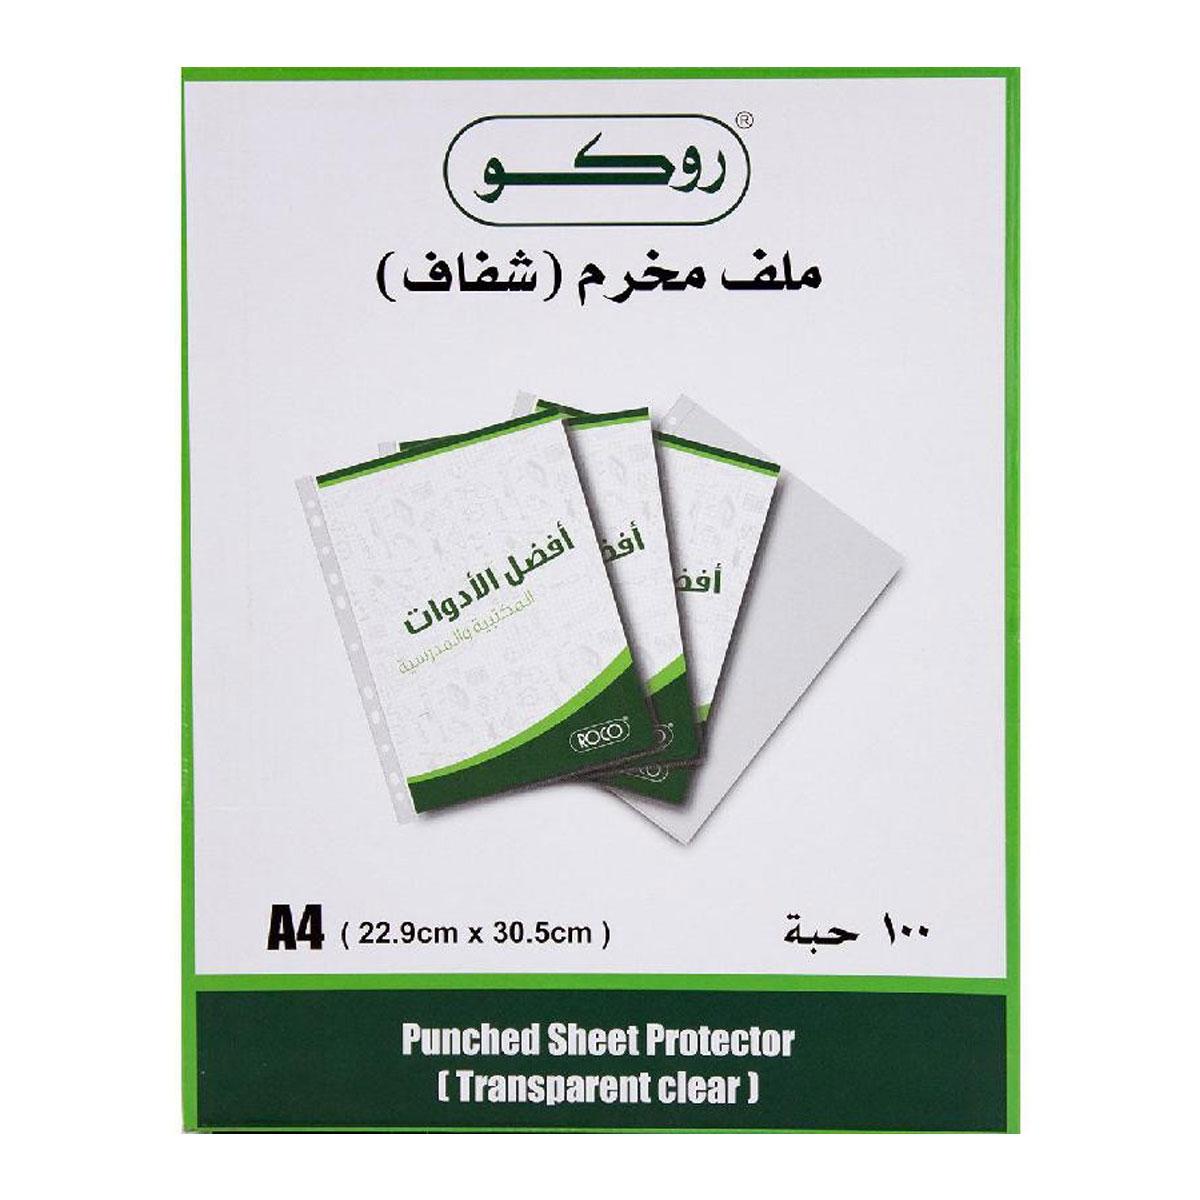 ملف حفظ الاوراق - مخرم شفاف من روكو مقاس A4 - عدد 100 حبة 22.9 * 30.5 سم